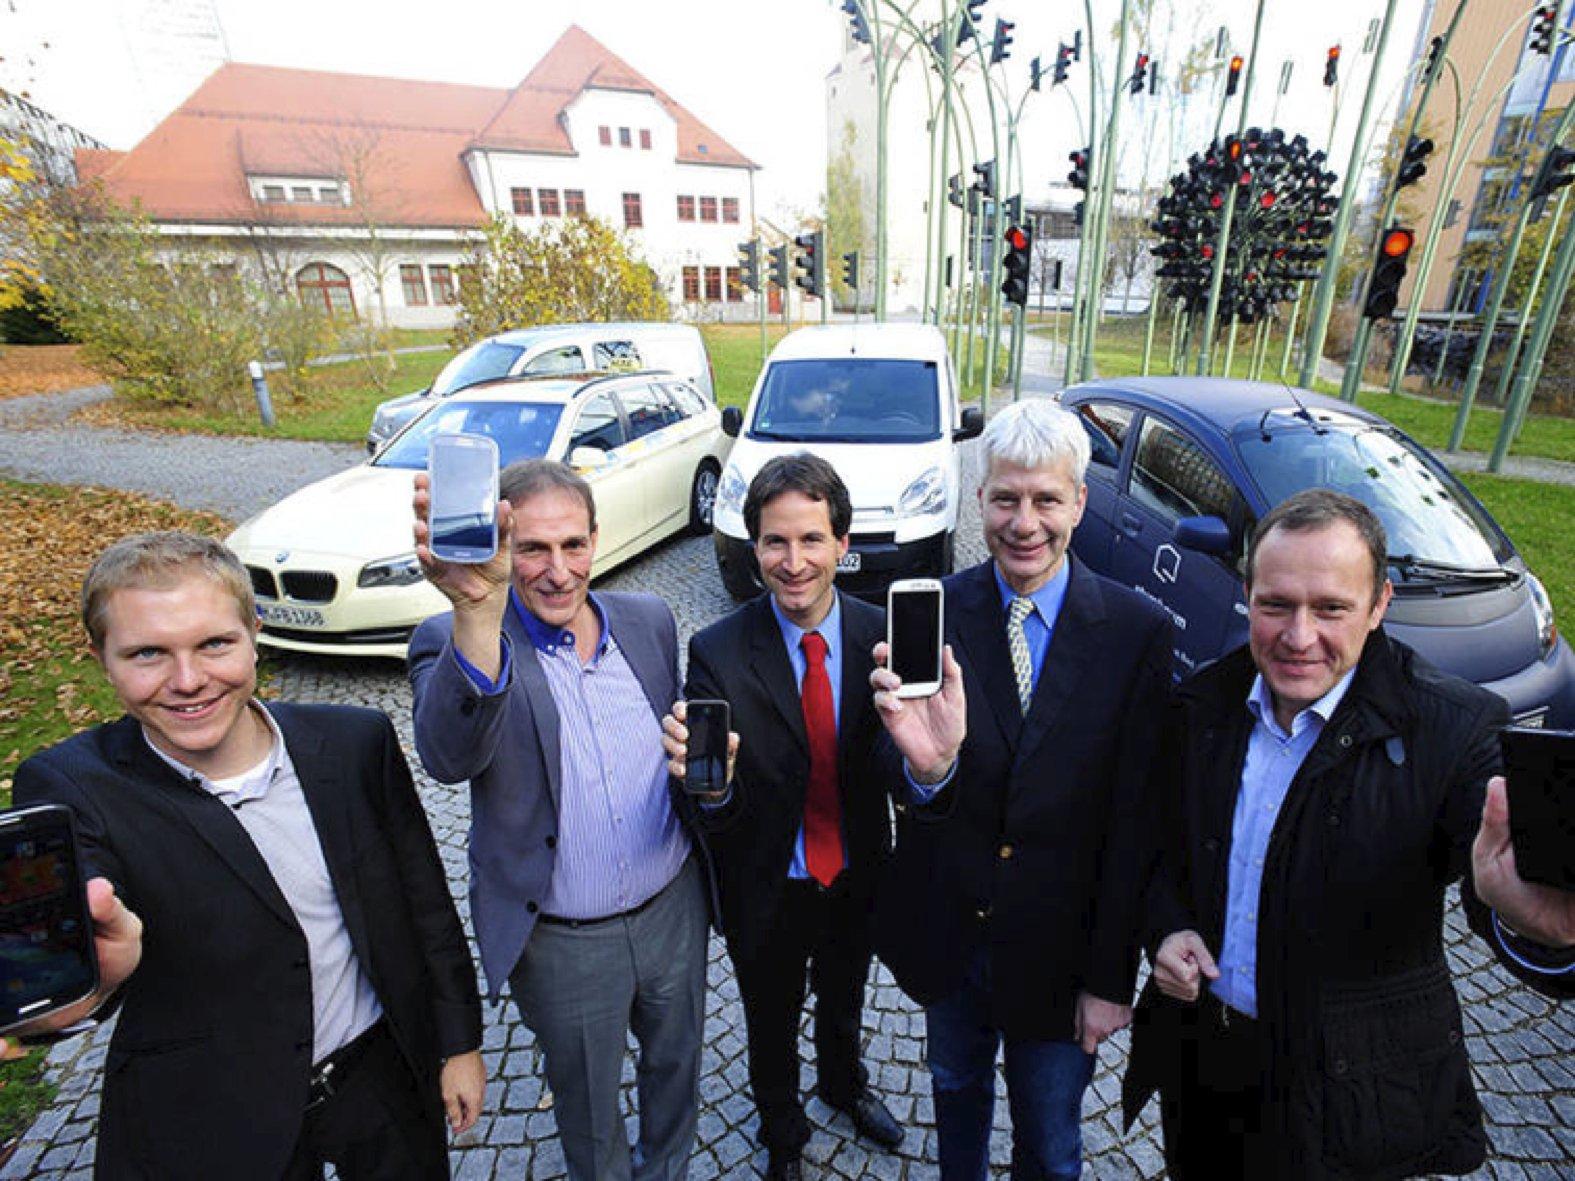 Präsentieren die neue APP der TU München: Ingenieur Benedikt Jäger (TU München), Florian Bachmann (Taxiverband), Gunnar Heipp (SWM/MVG), Dr. Jürgen Gaulle (Bundeswirtschaftsministerium) und Dr. Wolfgang Christl (Handwerkskammer).